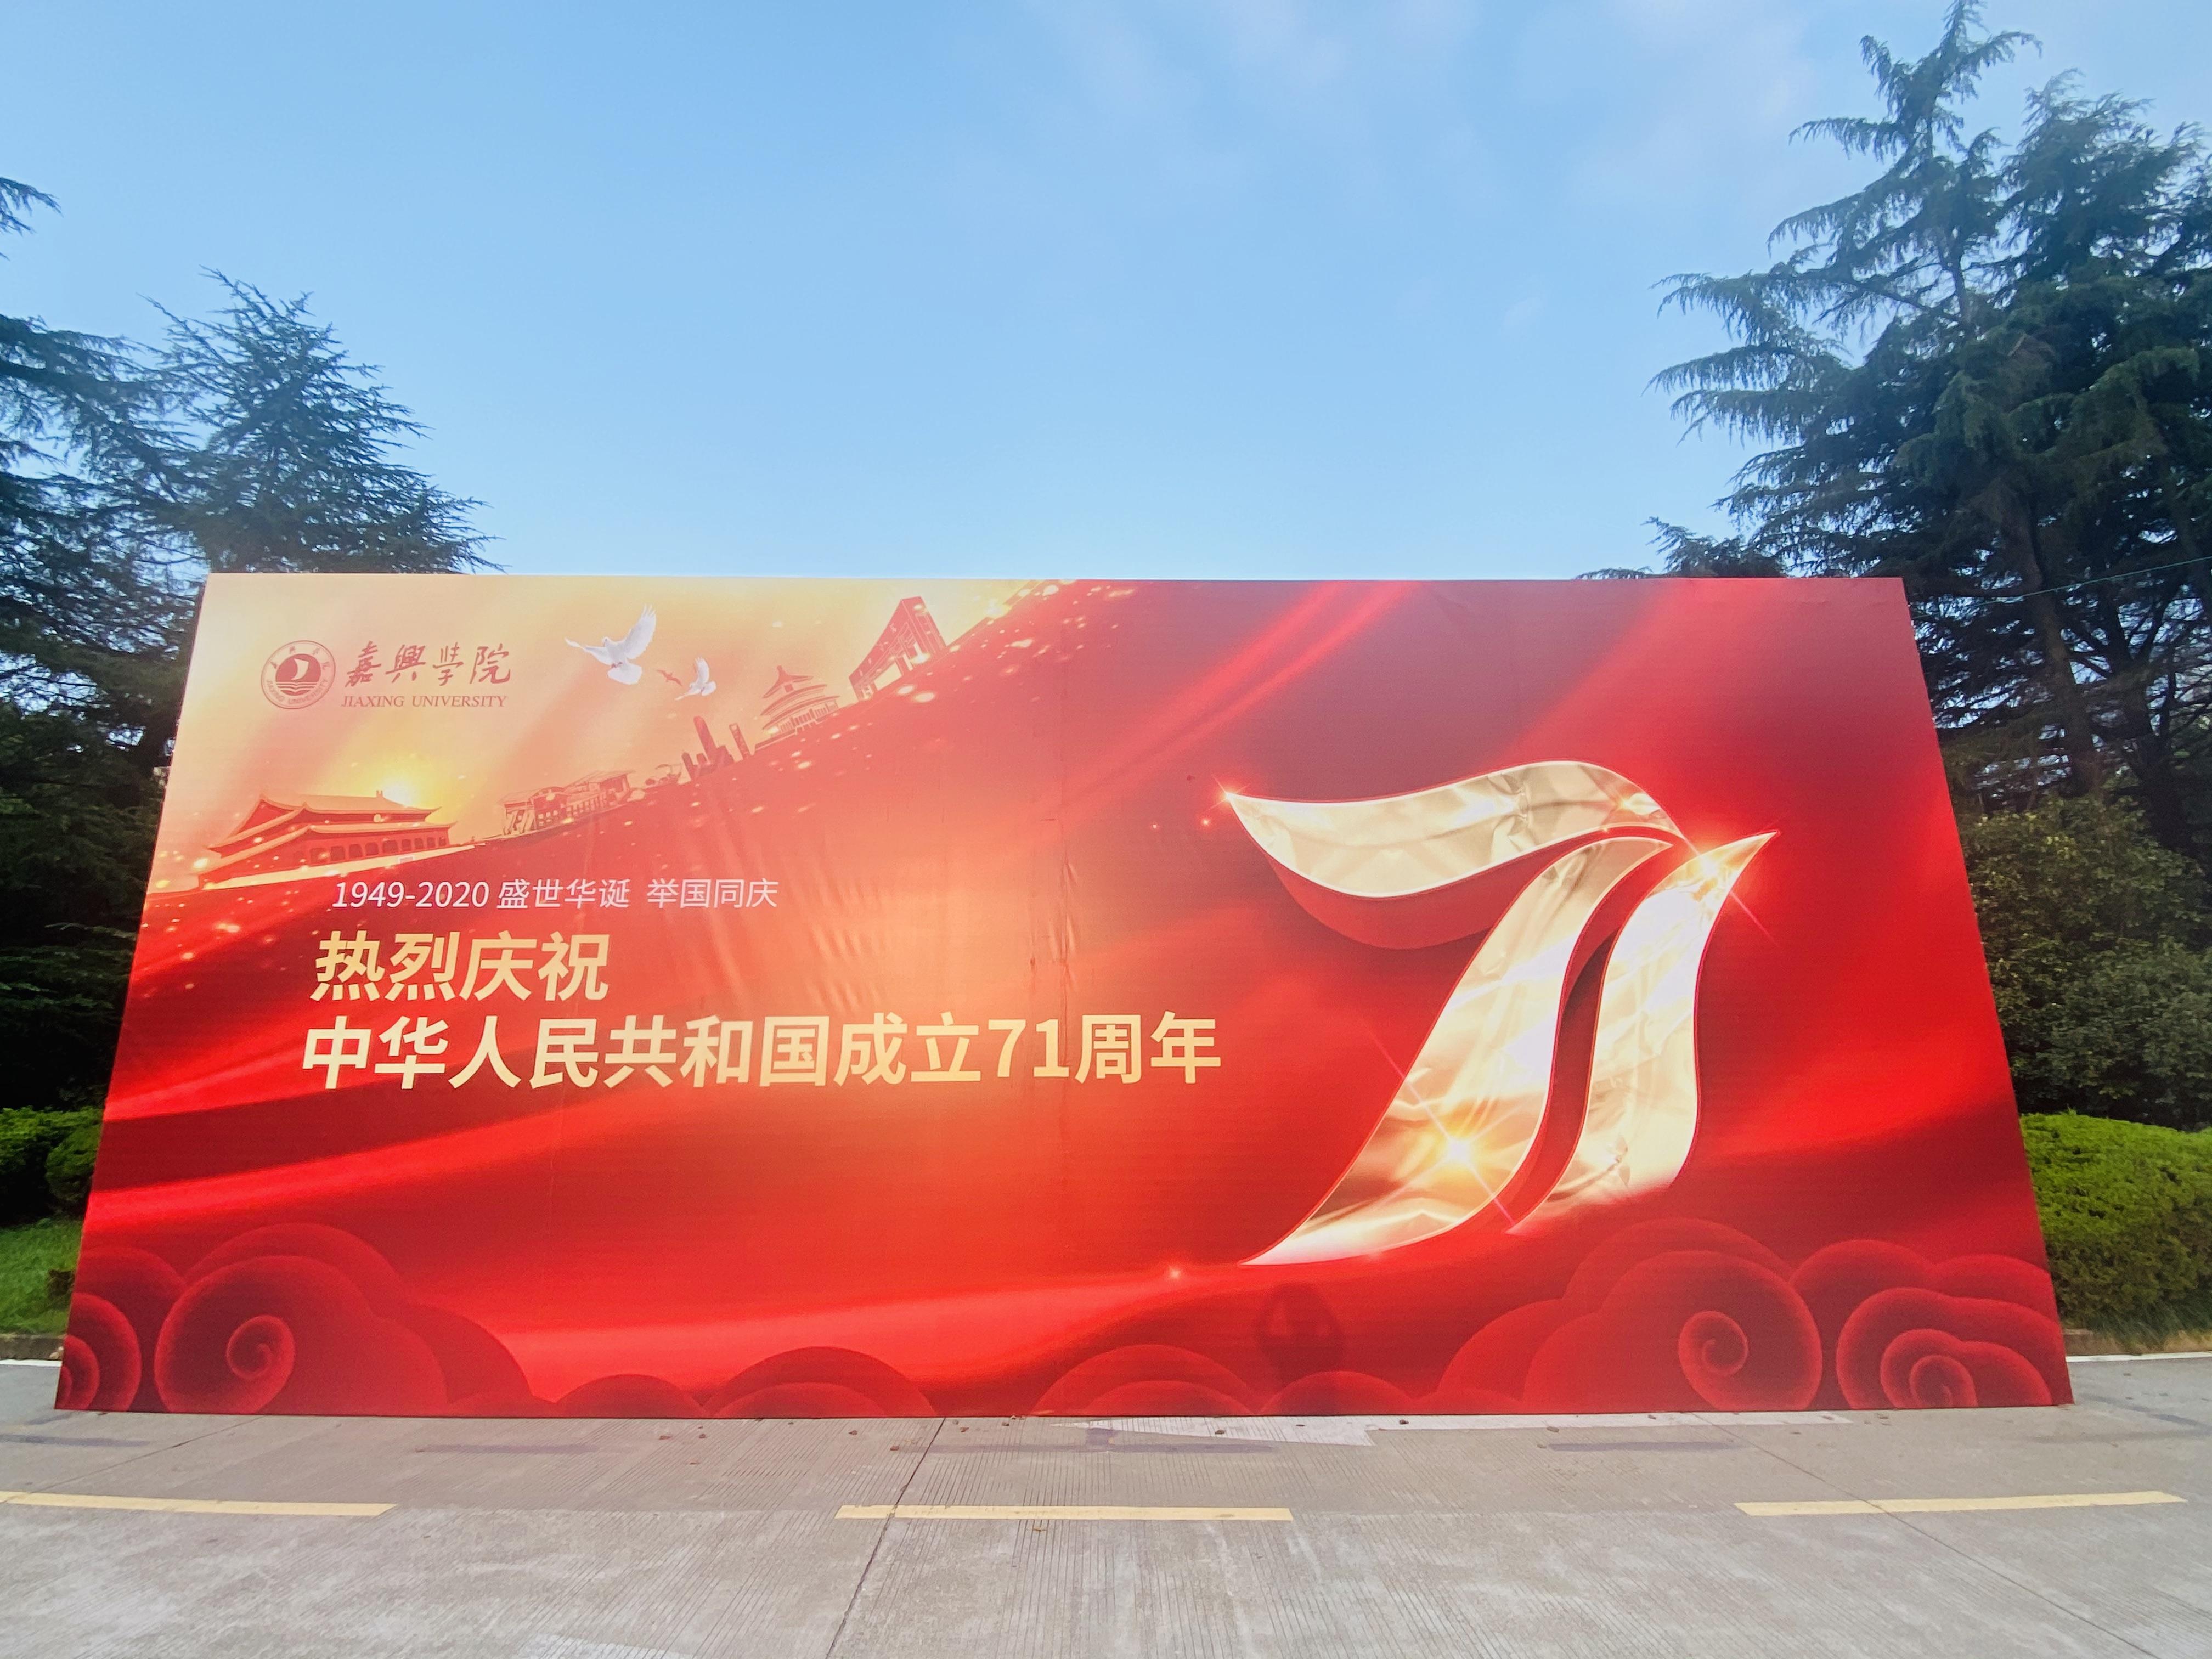 """嘉兴学院庆祝祖国71周年华诞,""""我与祖国共奋进""""主题升国旗仪式!"""